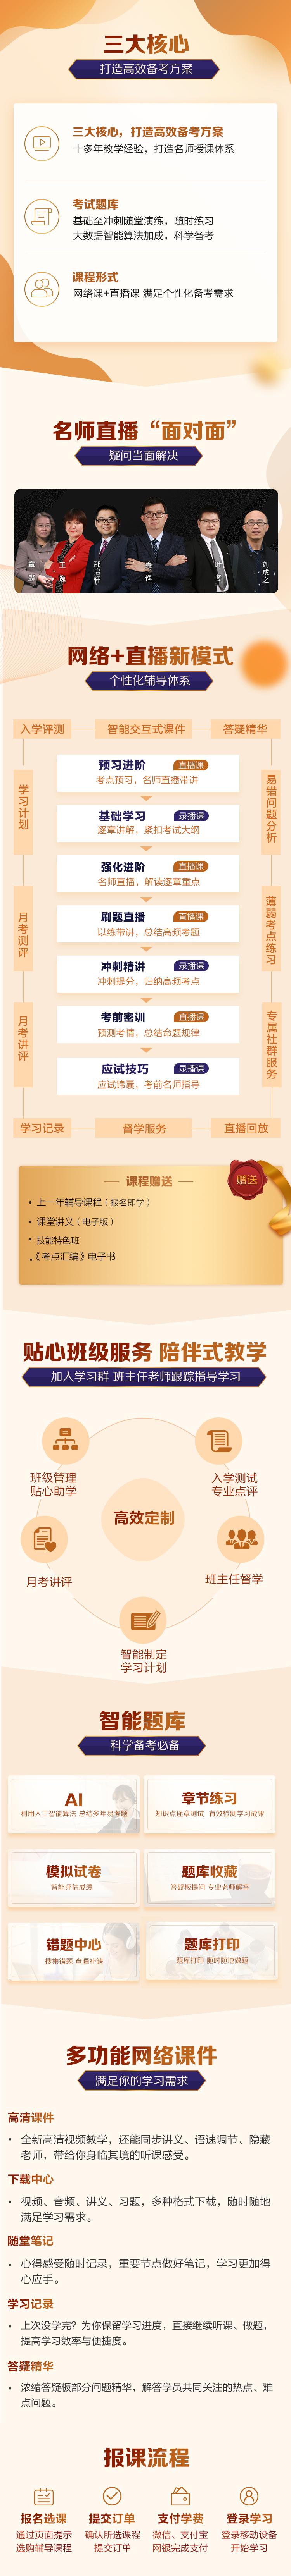 医学教育网中医执业医师高效定制班